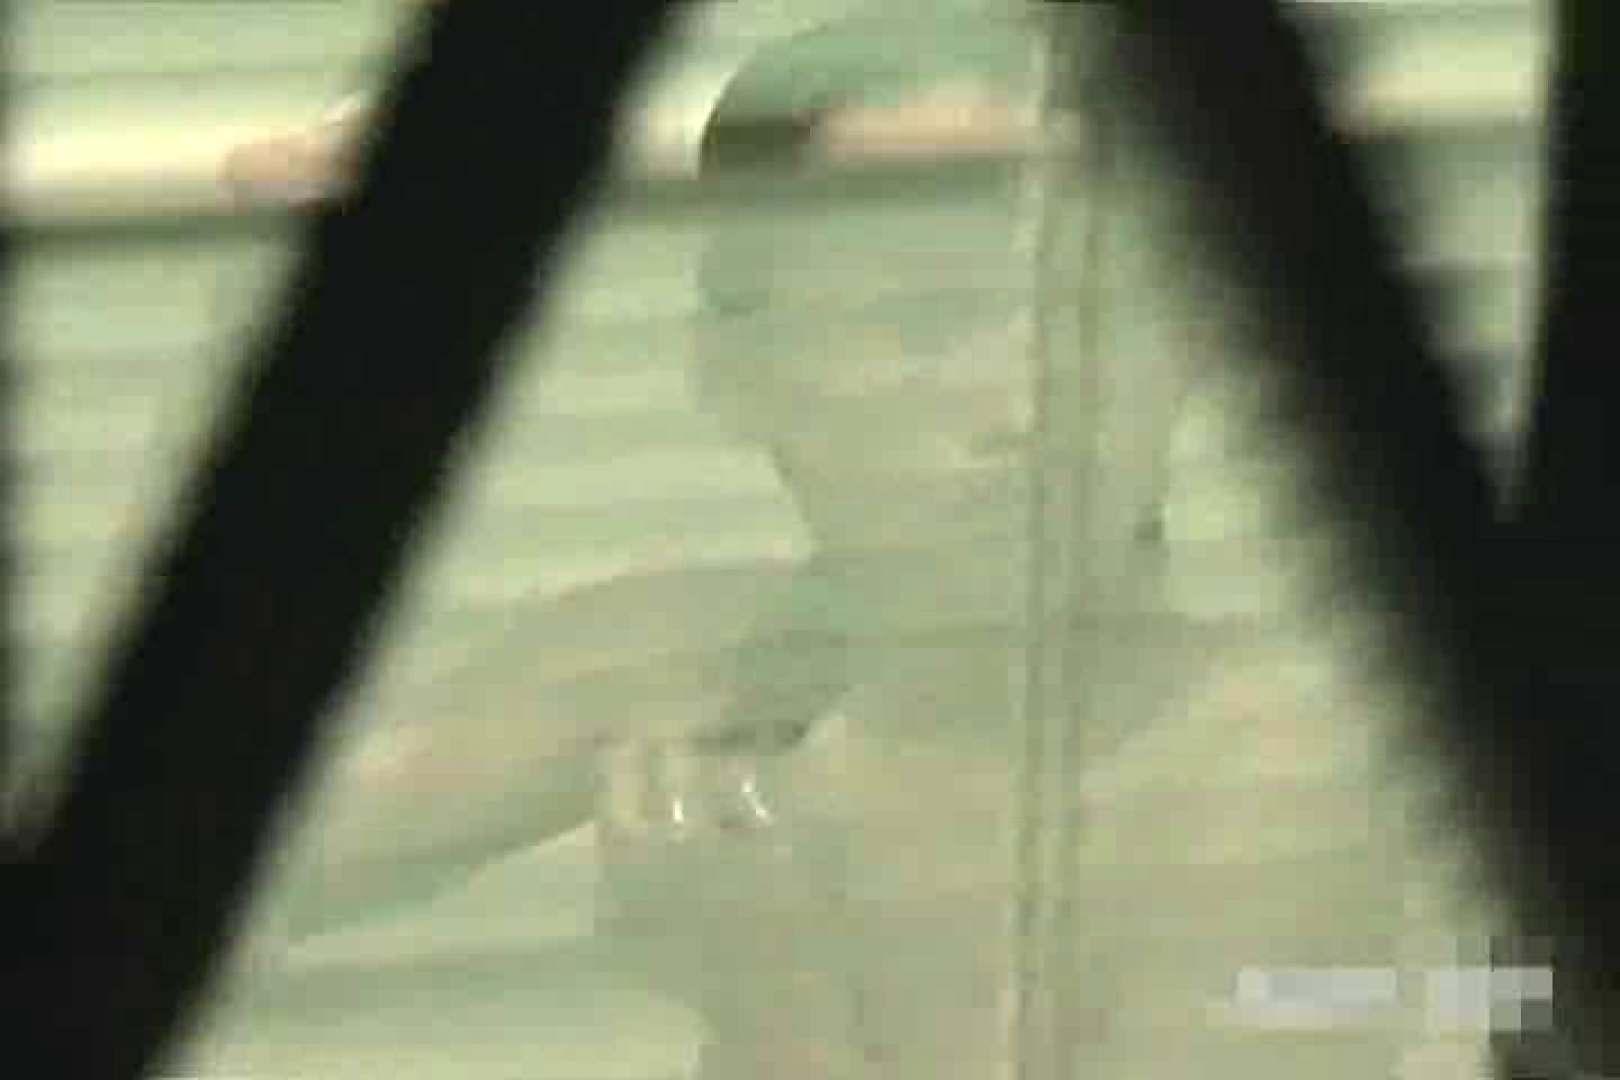 激撮ストーカー記録あなたのお宅拝見しますVol.4 シャワー 盗撮動画紹介 35pic 17